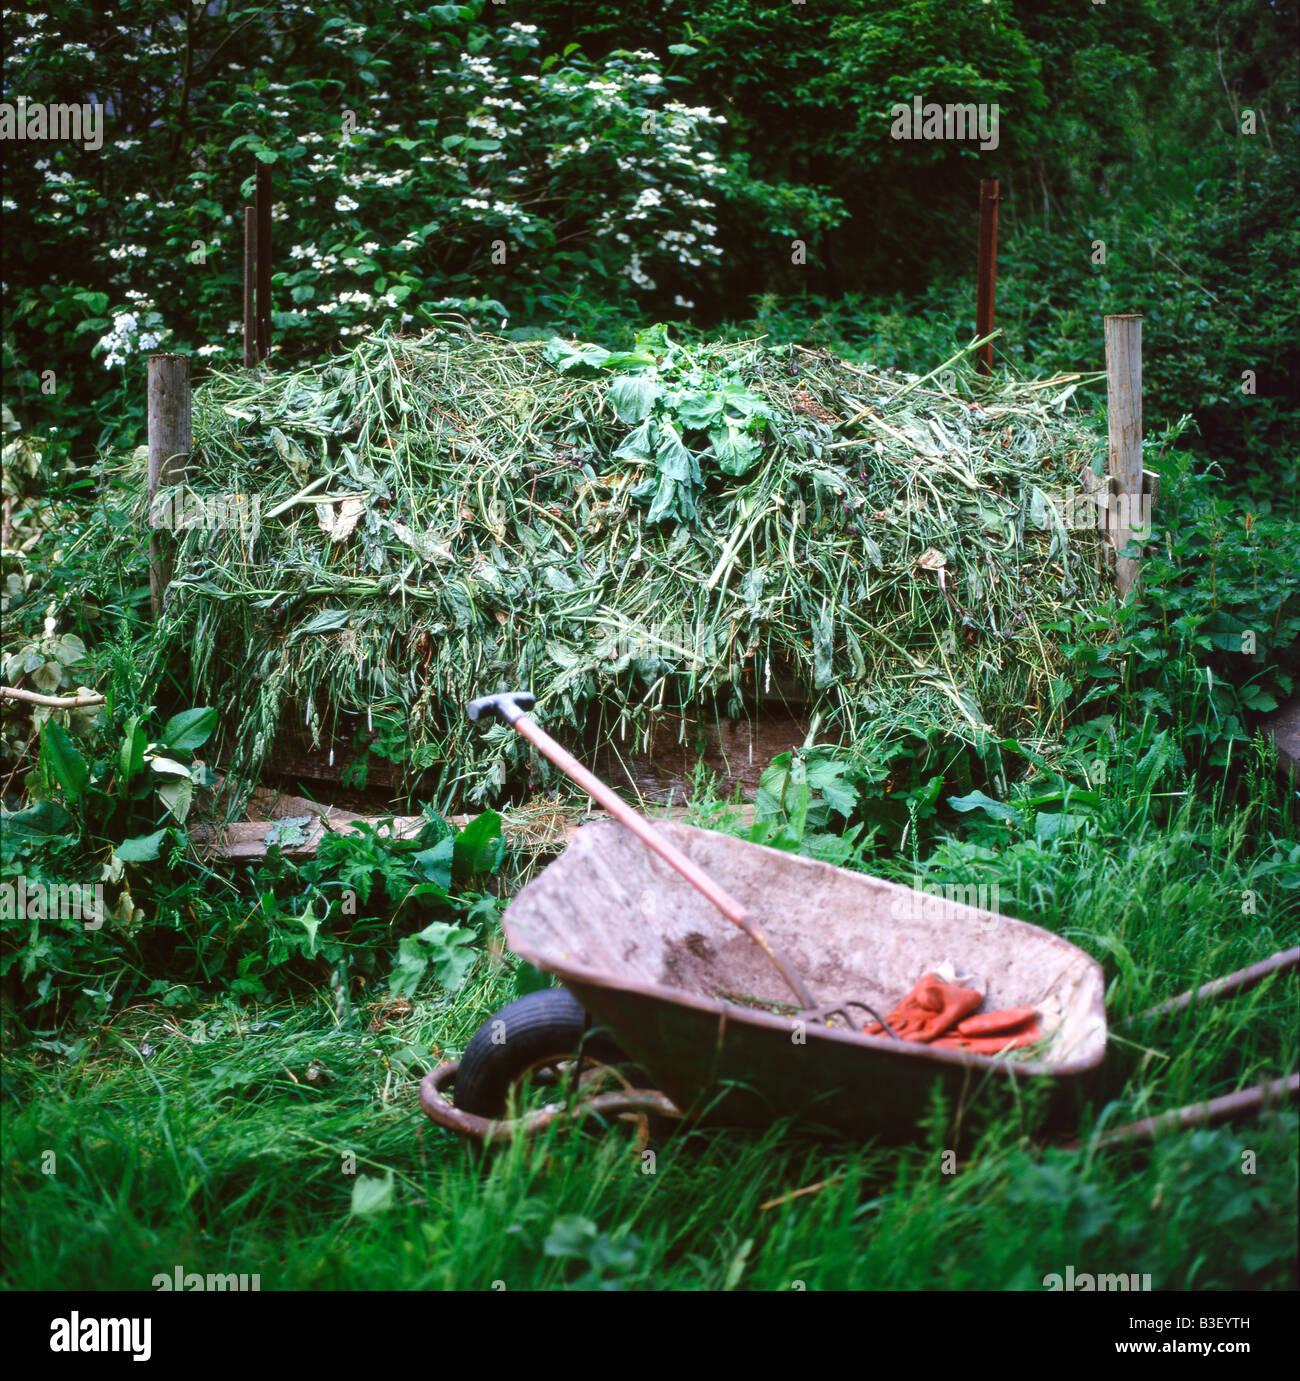 Compostera de cortes de césped, carretilla, horquilla y guantes de jardinería en un jardín autosuficiente Imagen De Stock